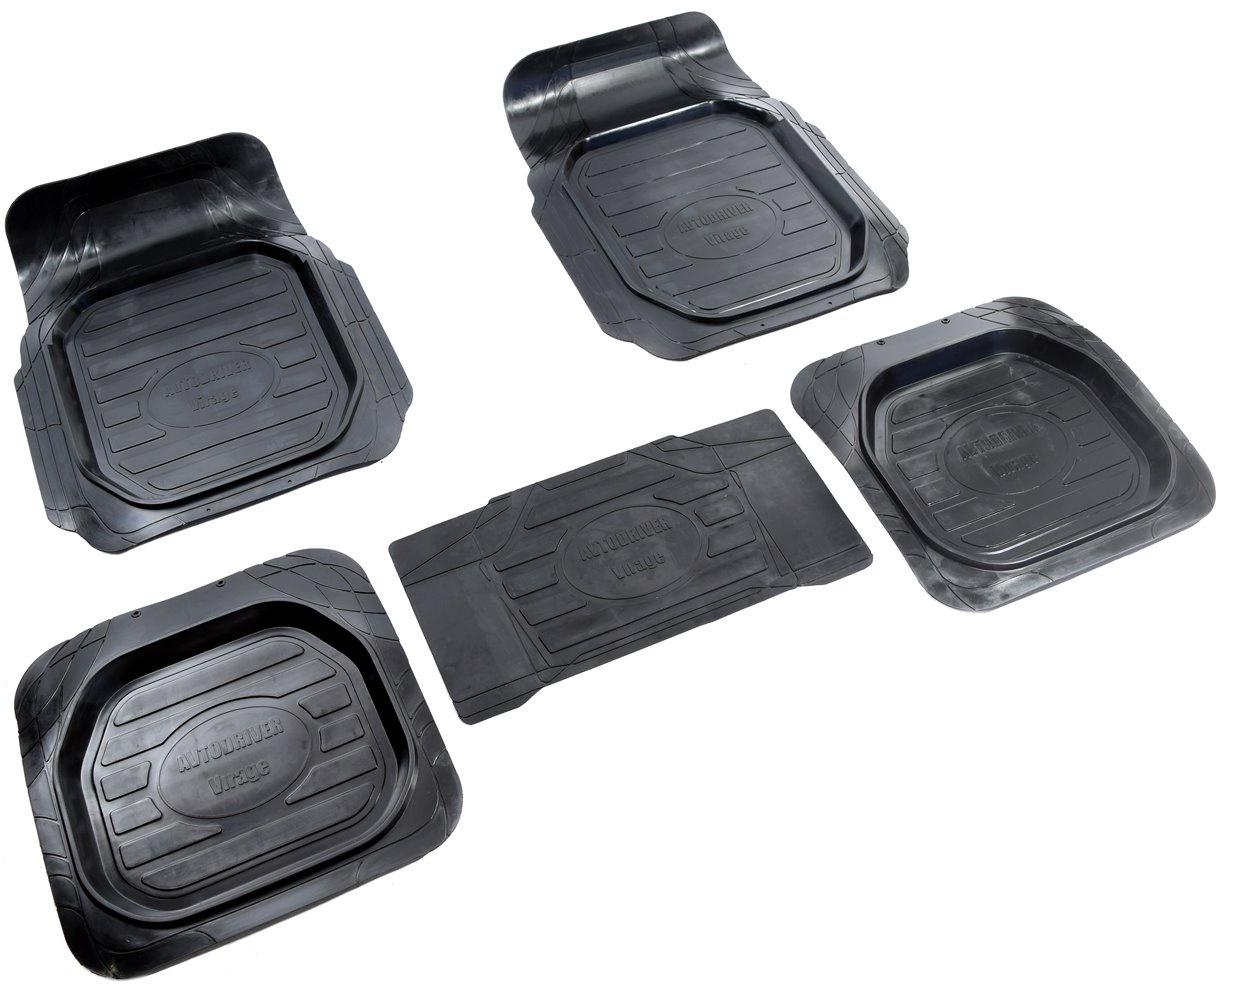 игровые коврики Коврики в салон автомобиля Avtodriver Вираж, универсальные, 4 шт, с отдельной перемычкой, ADRU004, резиновые, с бортиком, черный